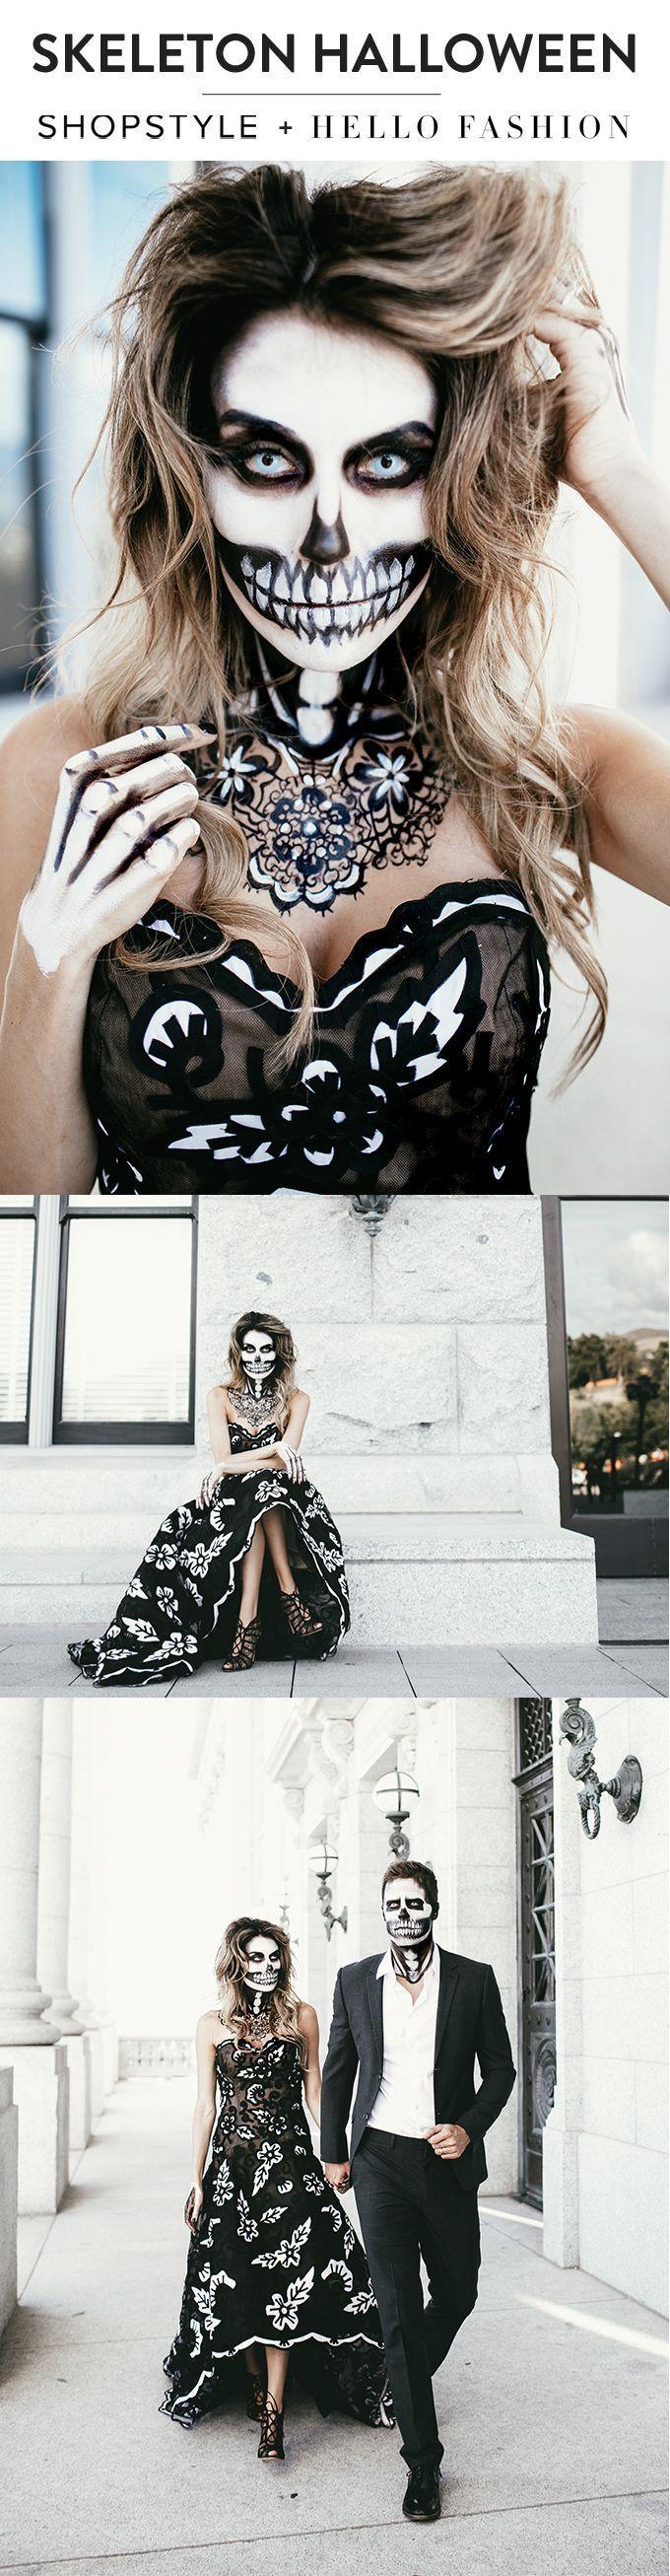 Hello Fashion takes on Halloween with amazing skeleton makeup and the most gorgeous Oscar De La Renta gown. /hellofashblog/